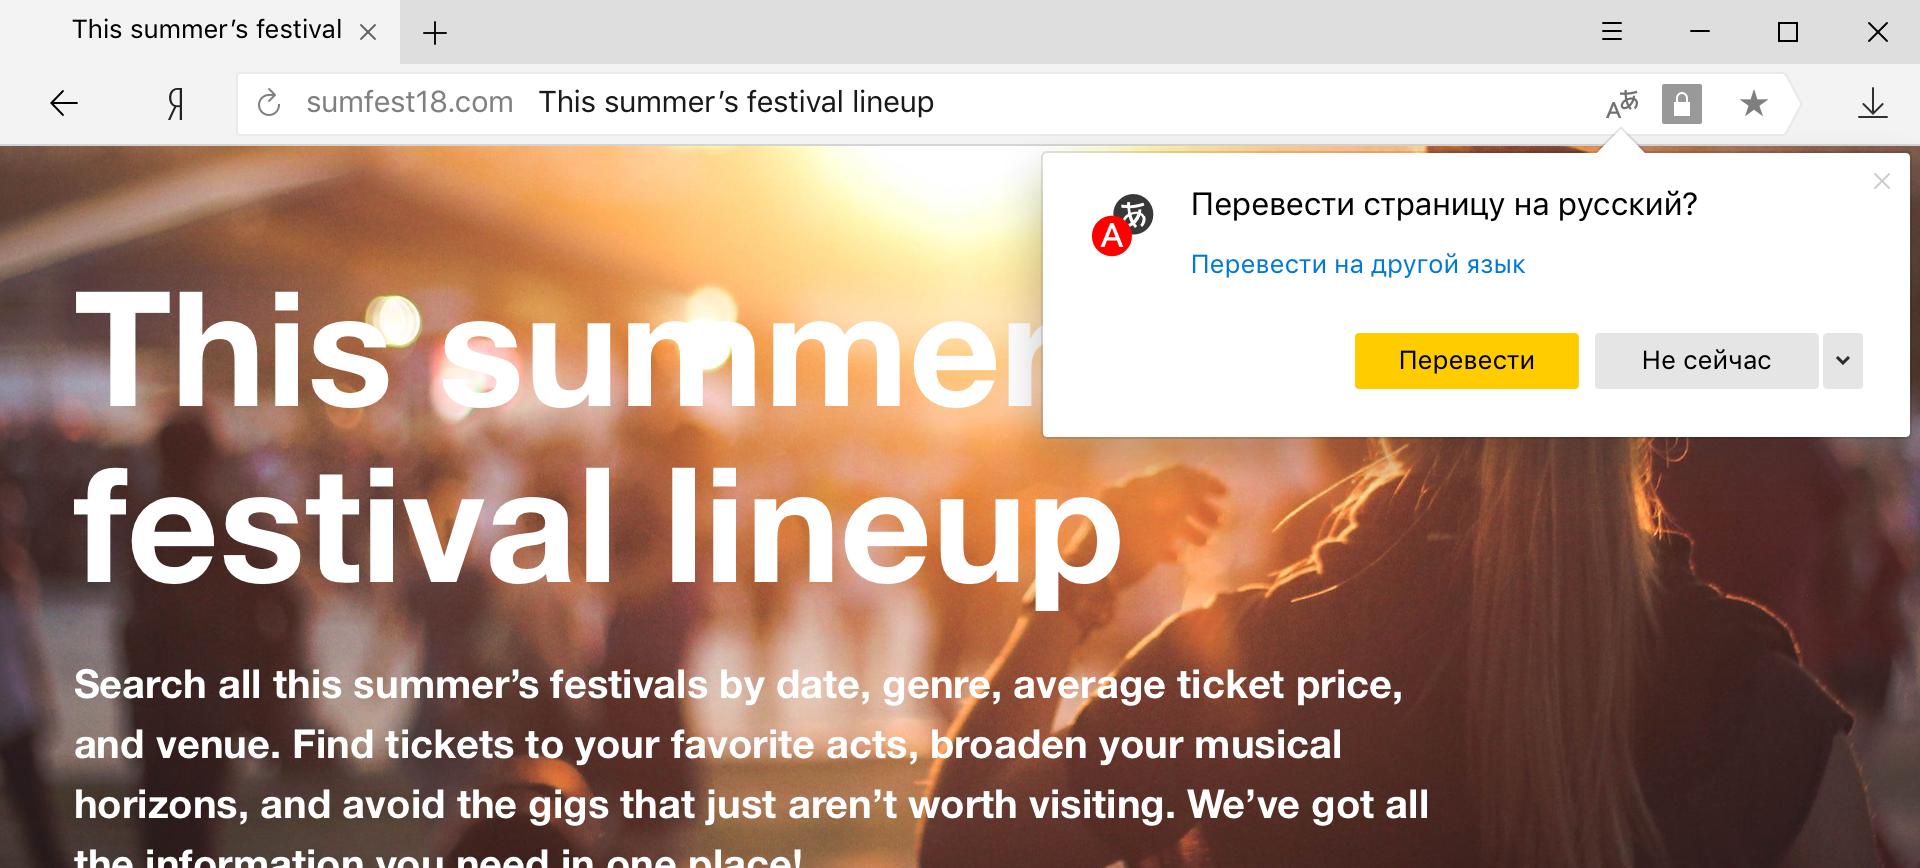 Как Яндекс применил технологии искусственного интеллекта для перевода веб-страниц - 1